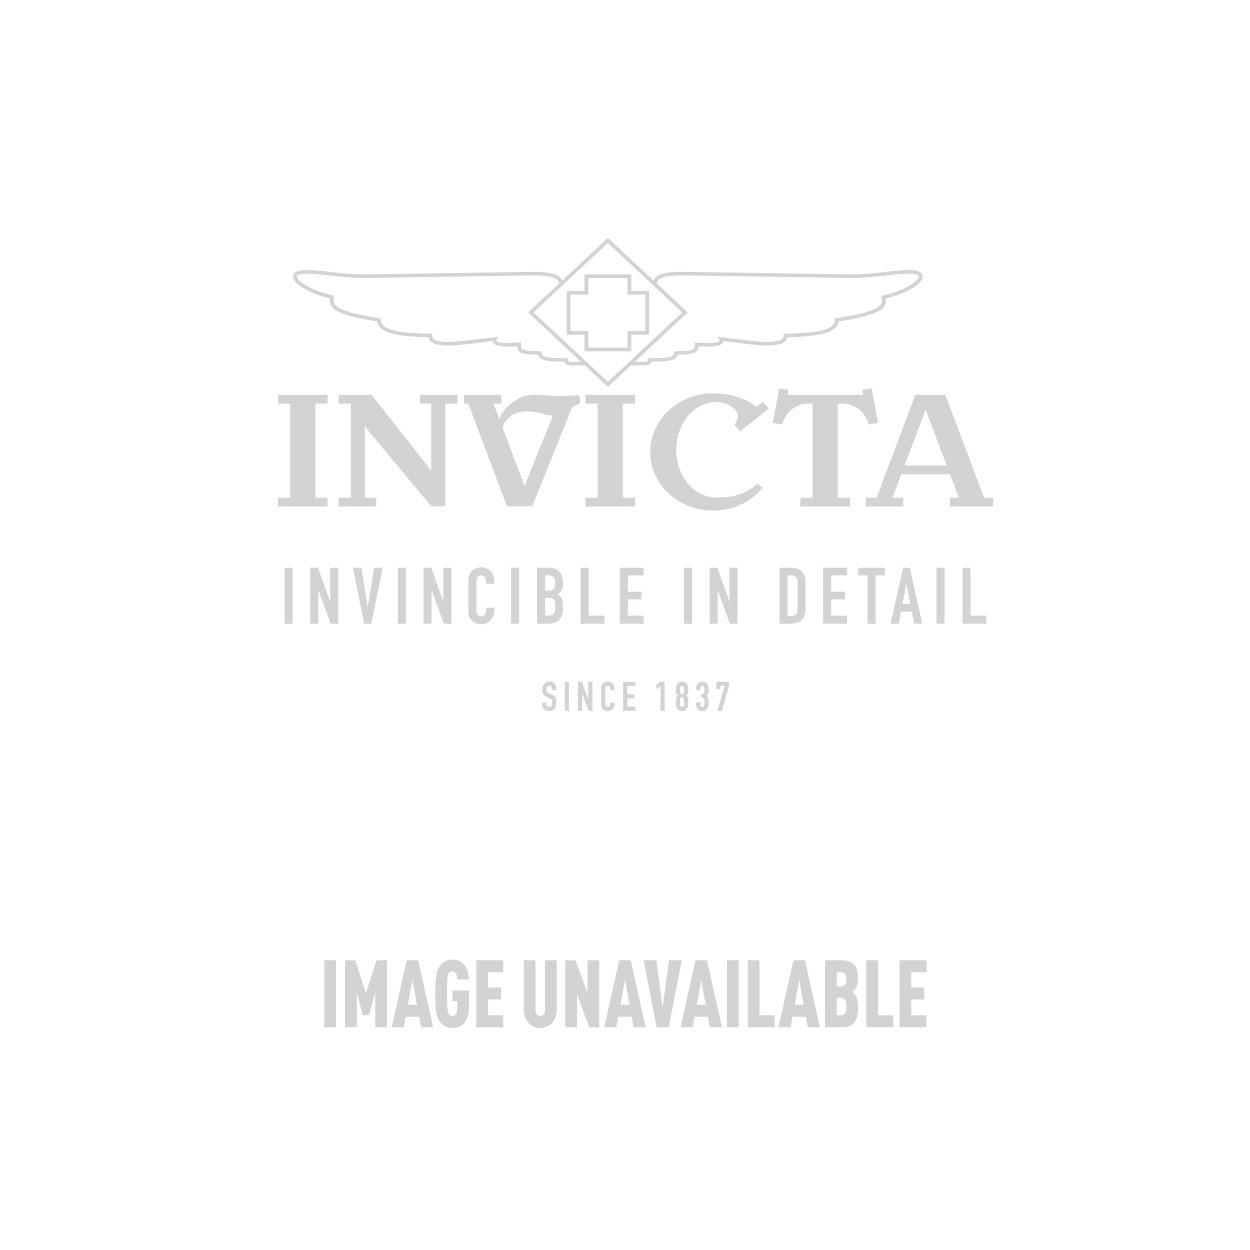 Invicta Model 28921